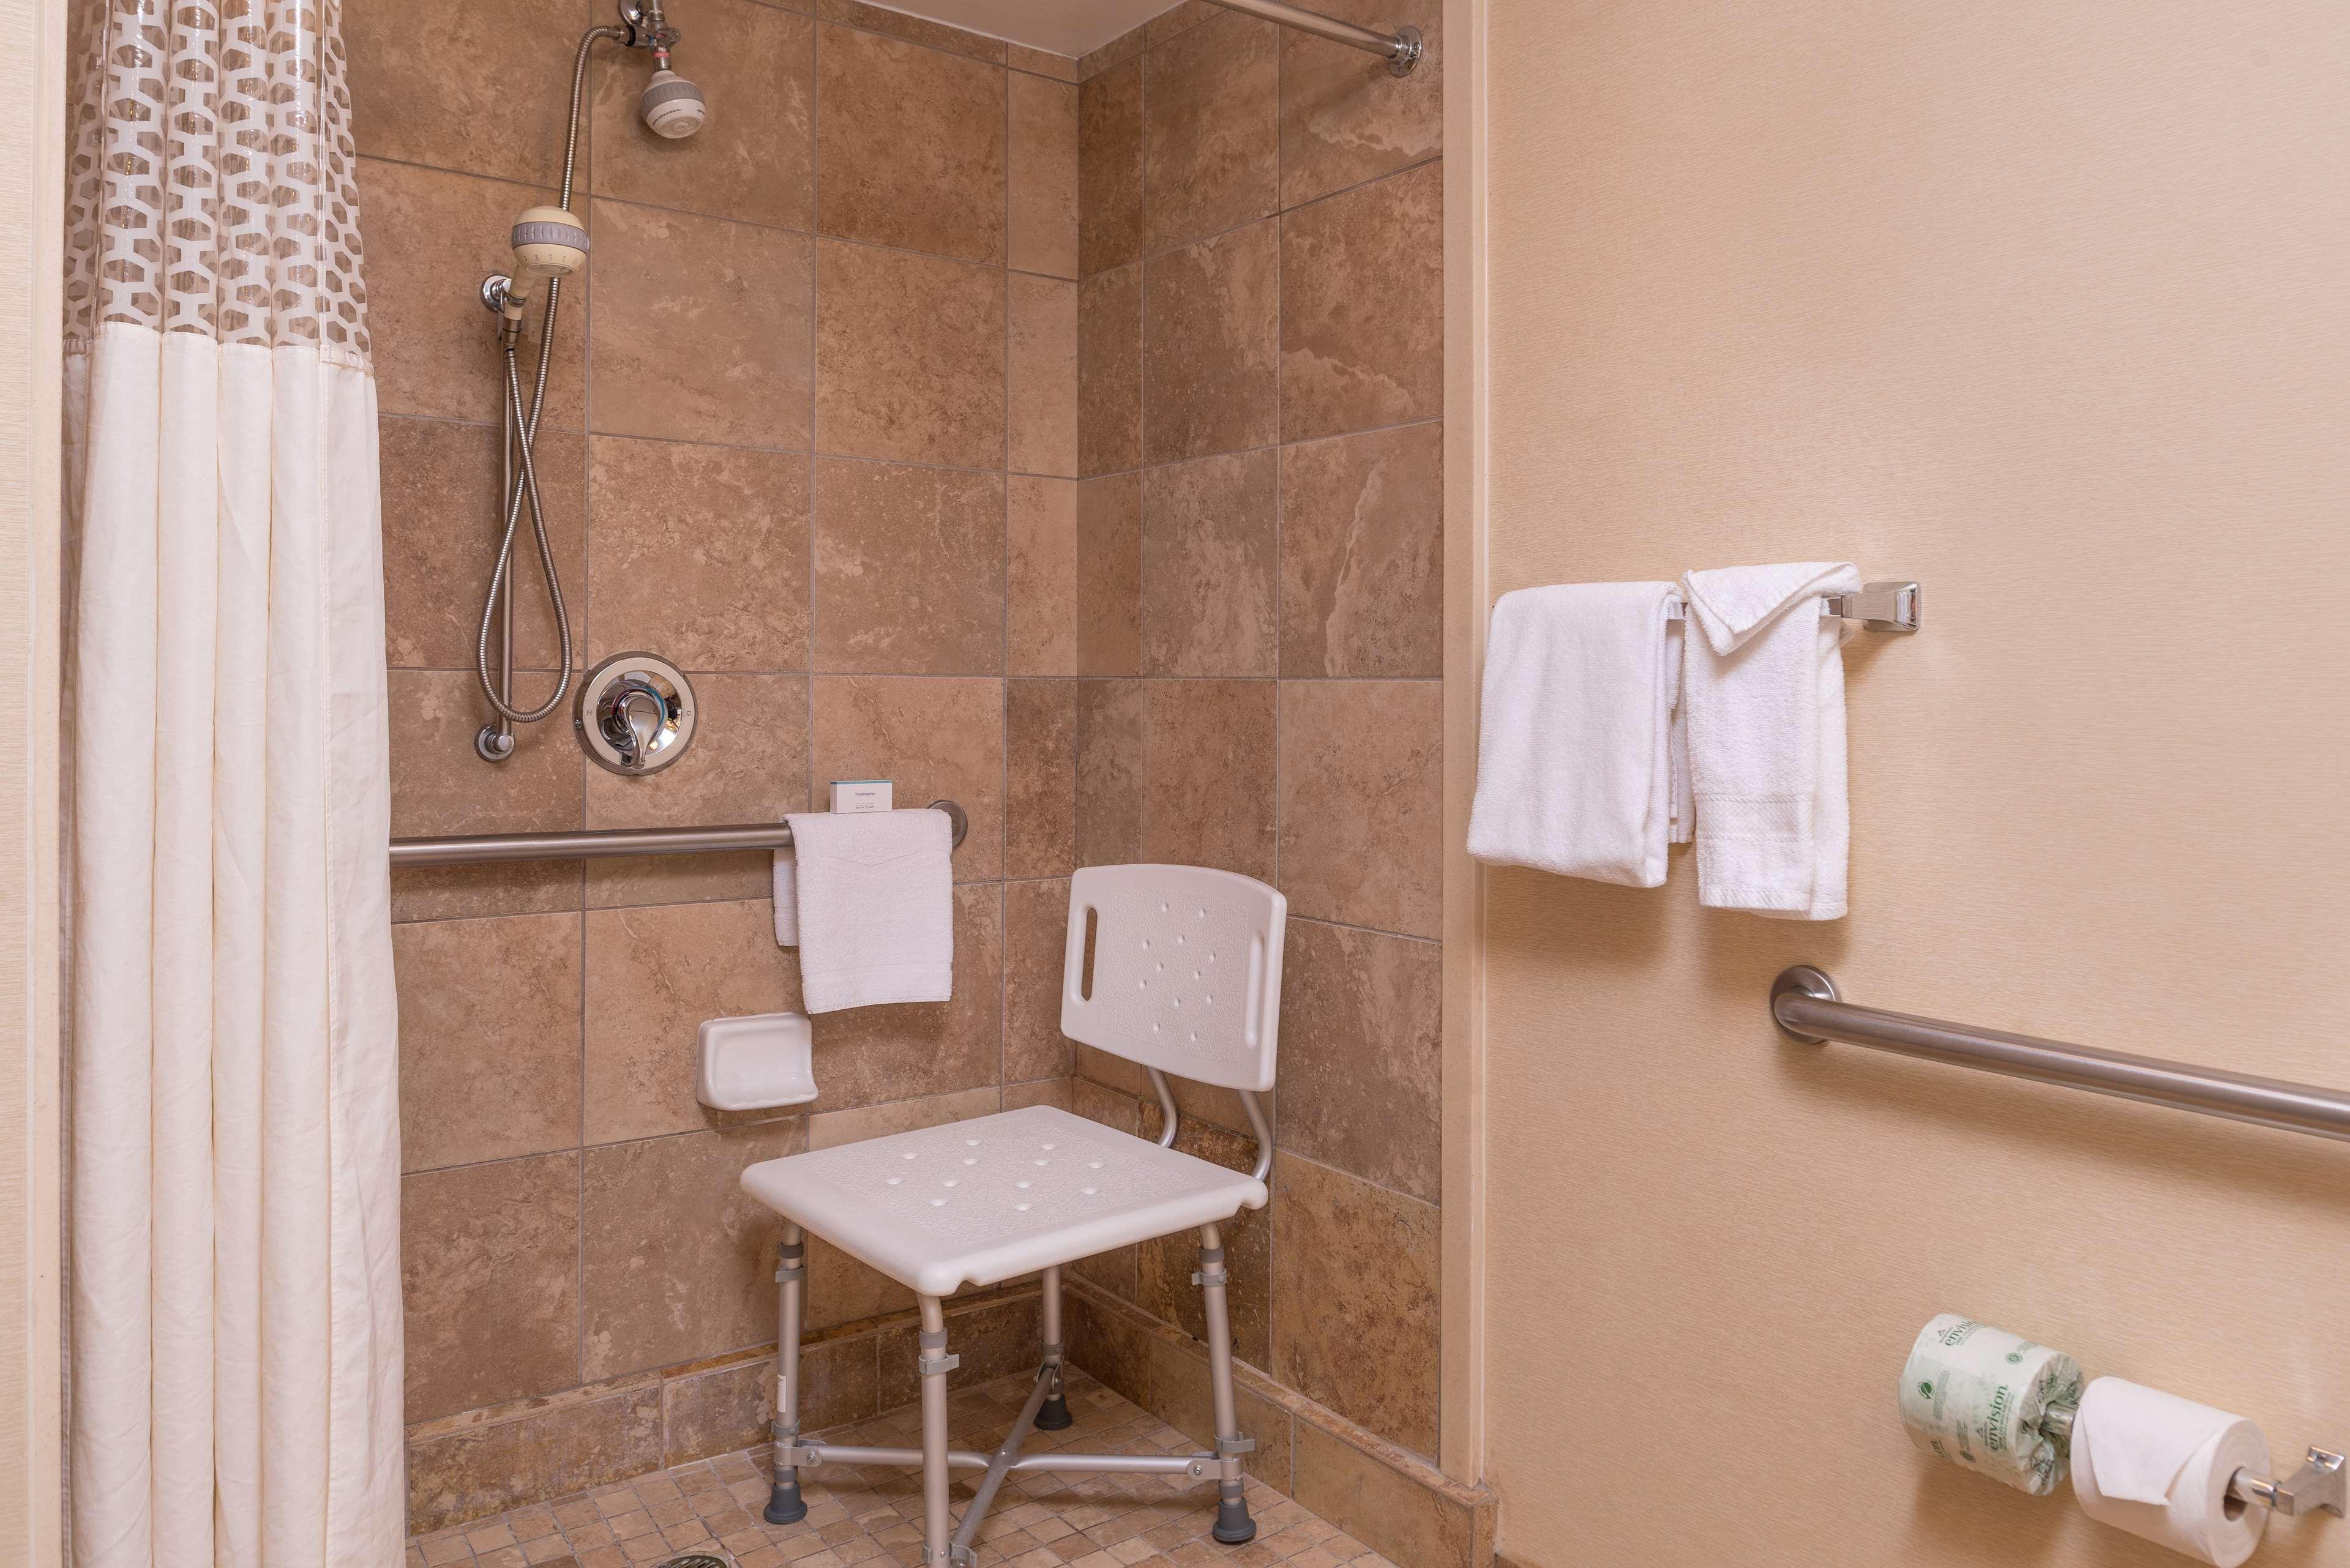 Hampton Inn & Suites Charlotte-Arrowood Rd. image 23